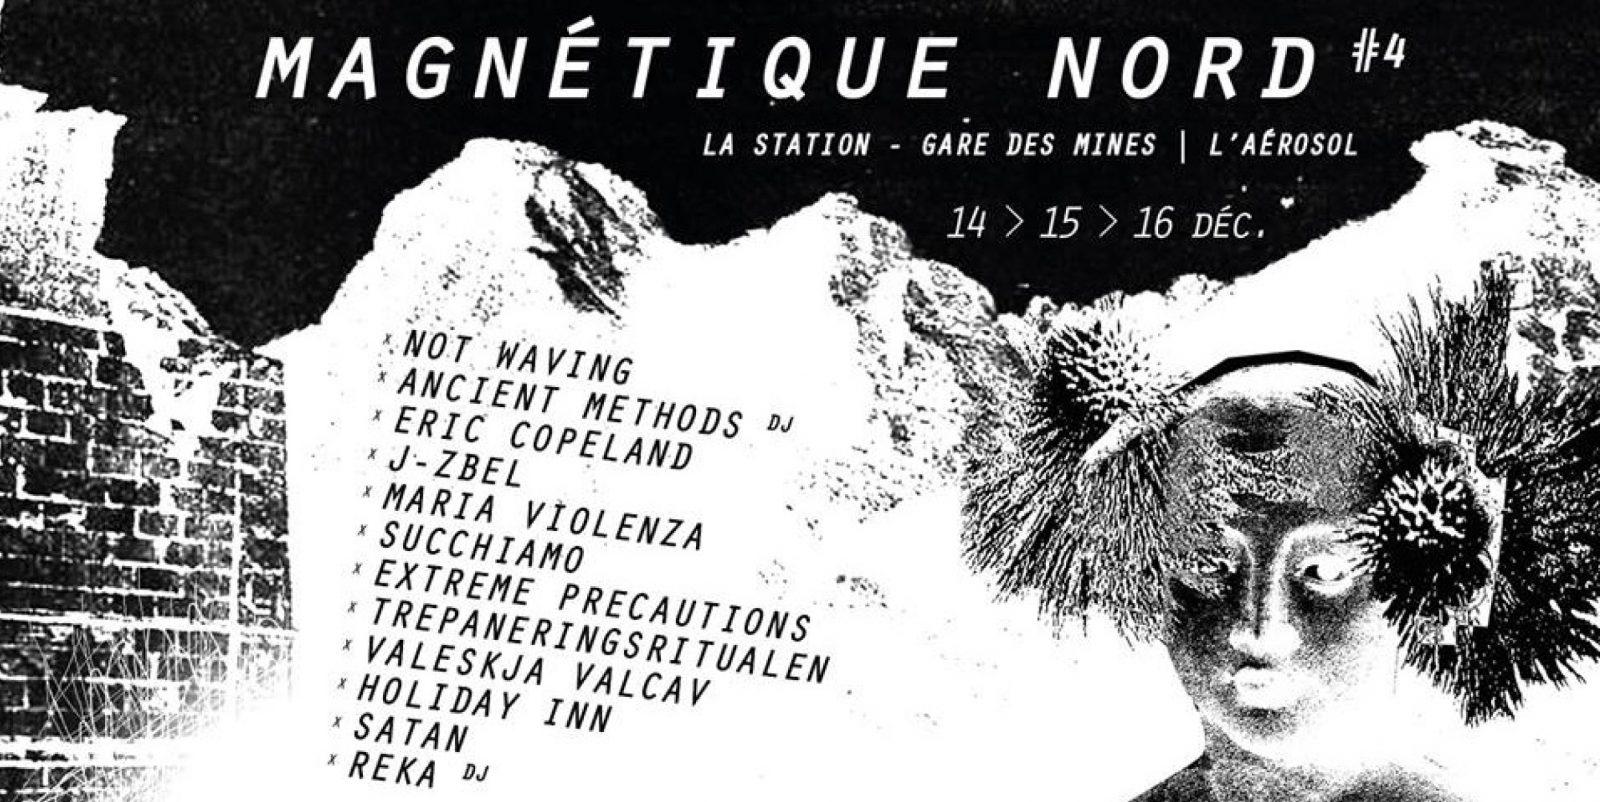 [Festival] Magnétique Nord #4